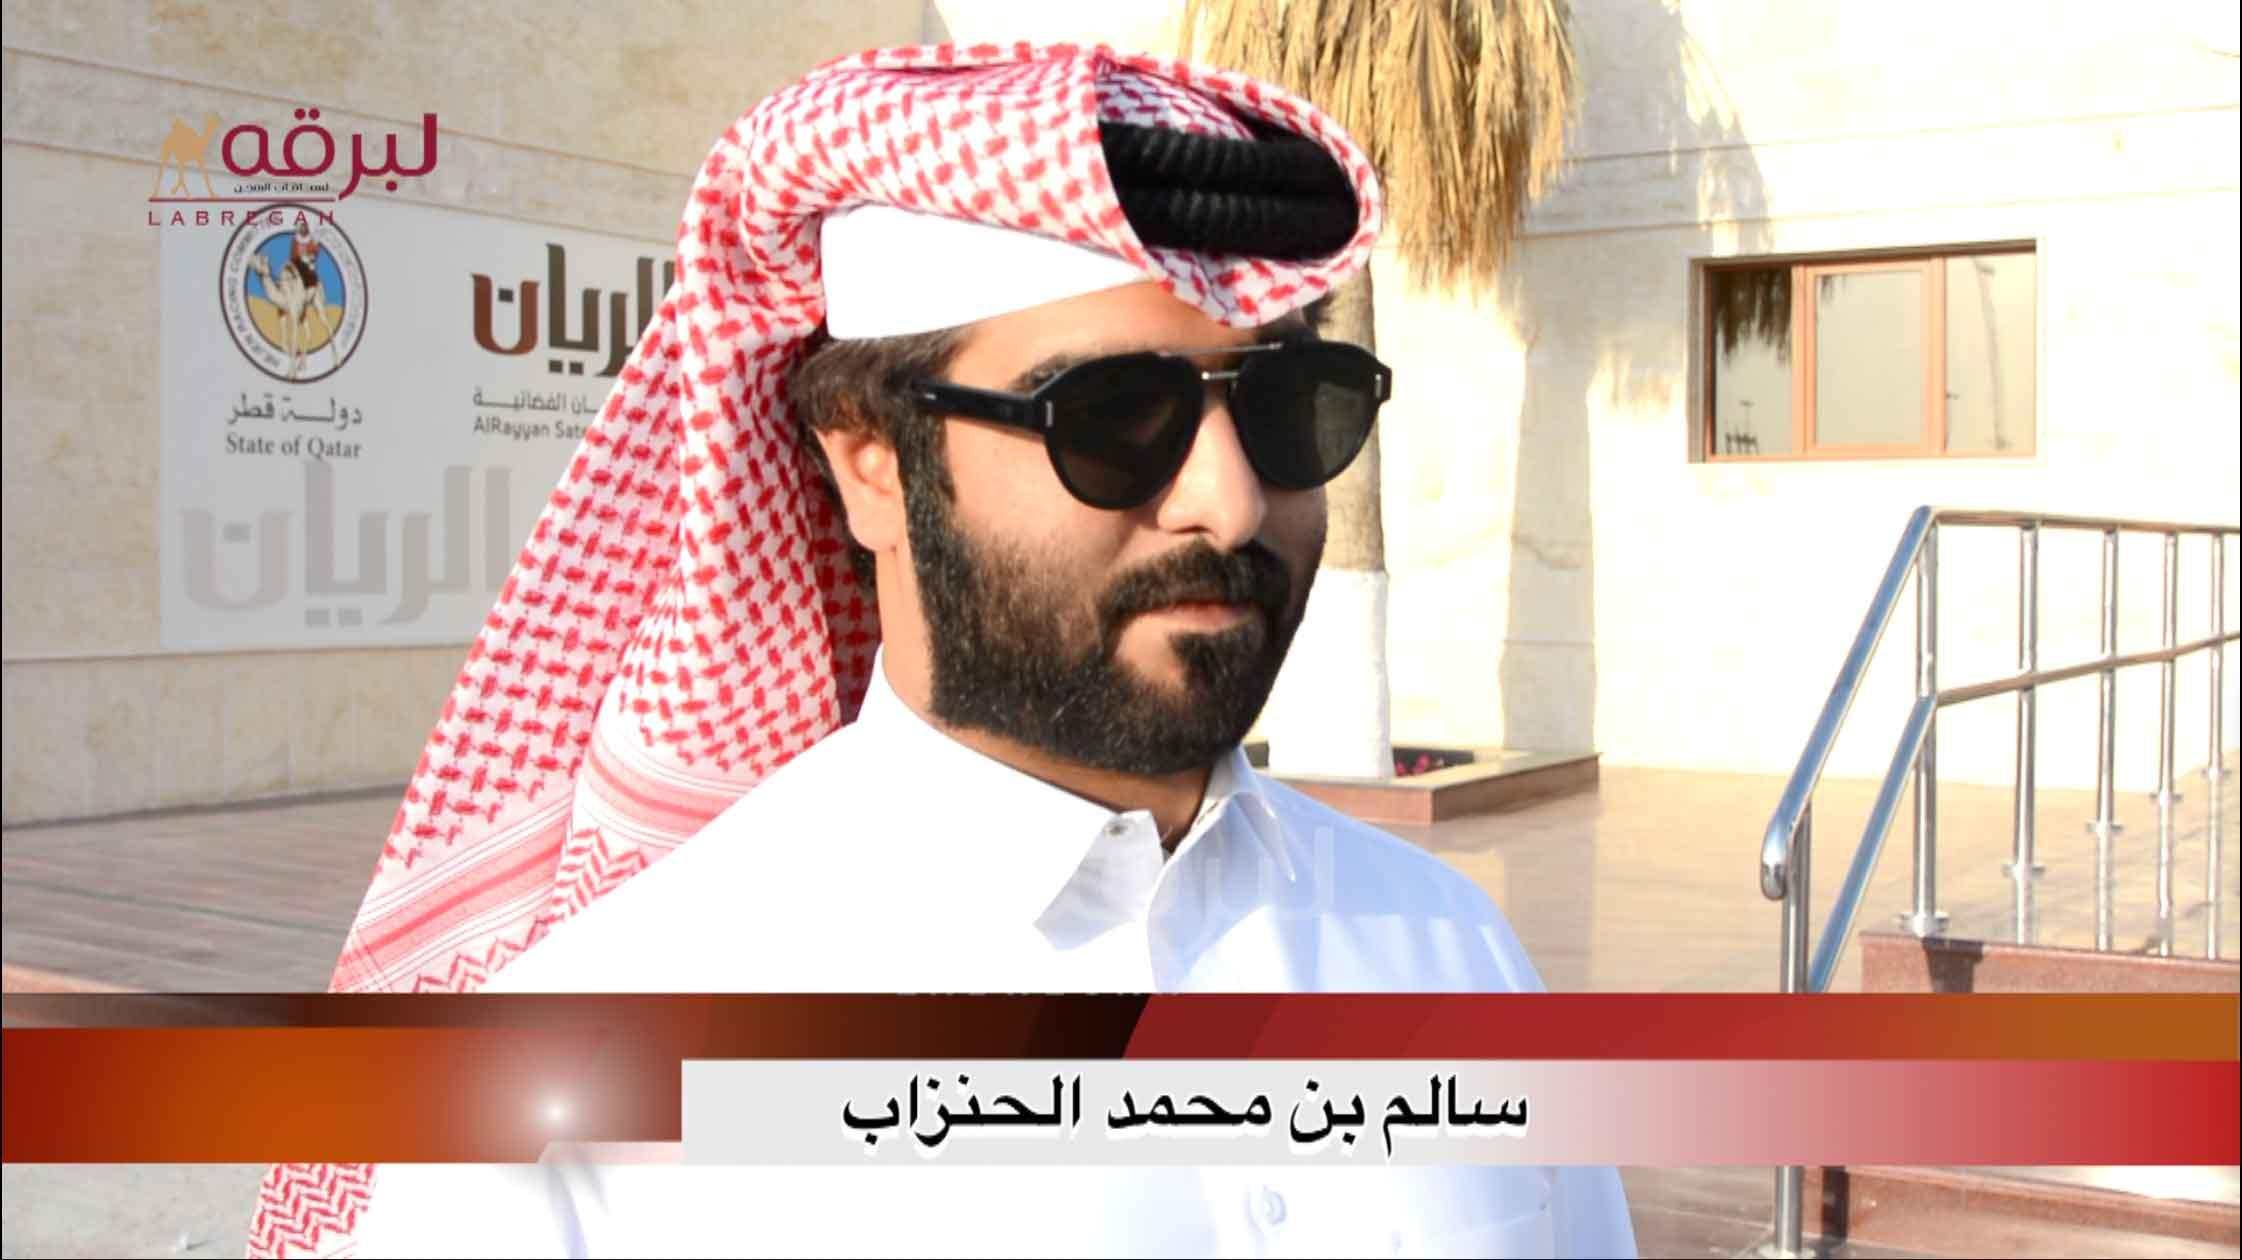 لقاء مع سالم بن محمد الحنزاب.. الشلفة الفضية حقايق بكار « إنتاج » الأشواط العامة  ١٧-١-٢٠٢١